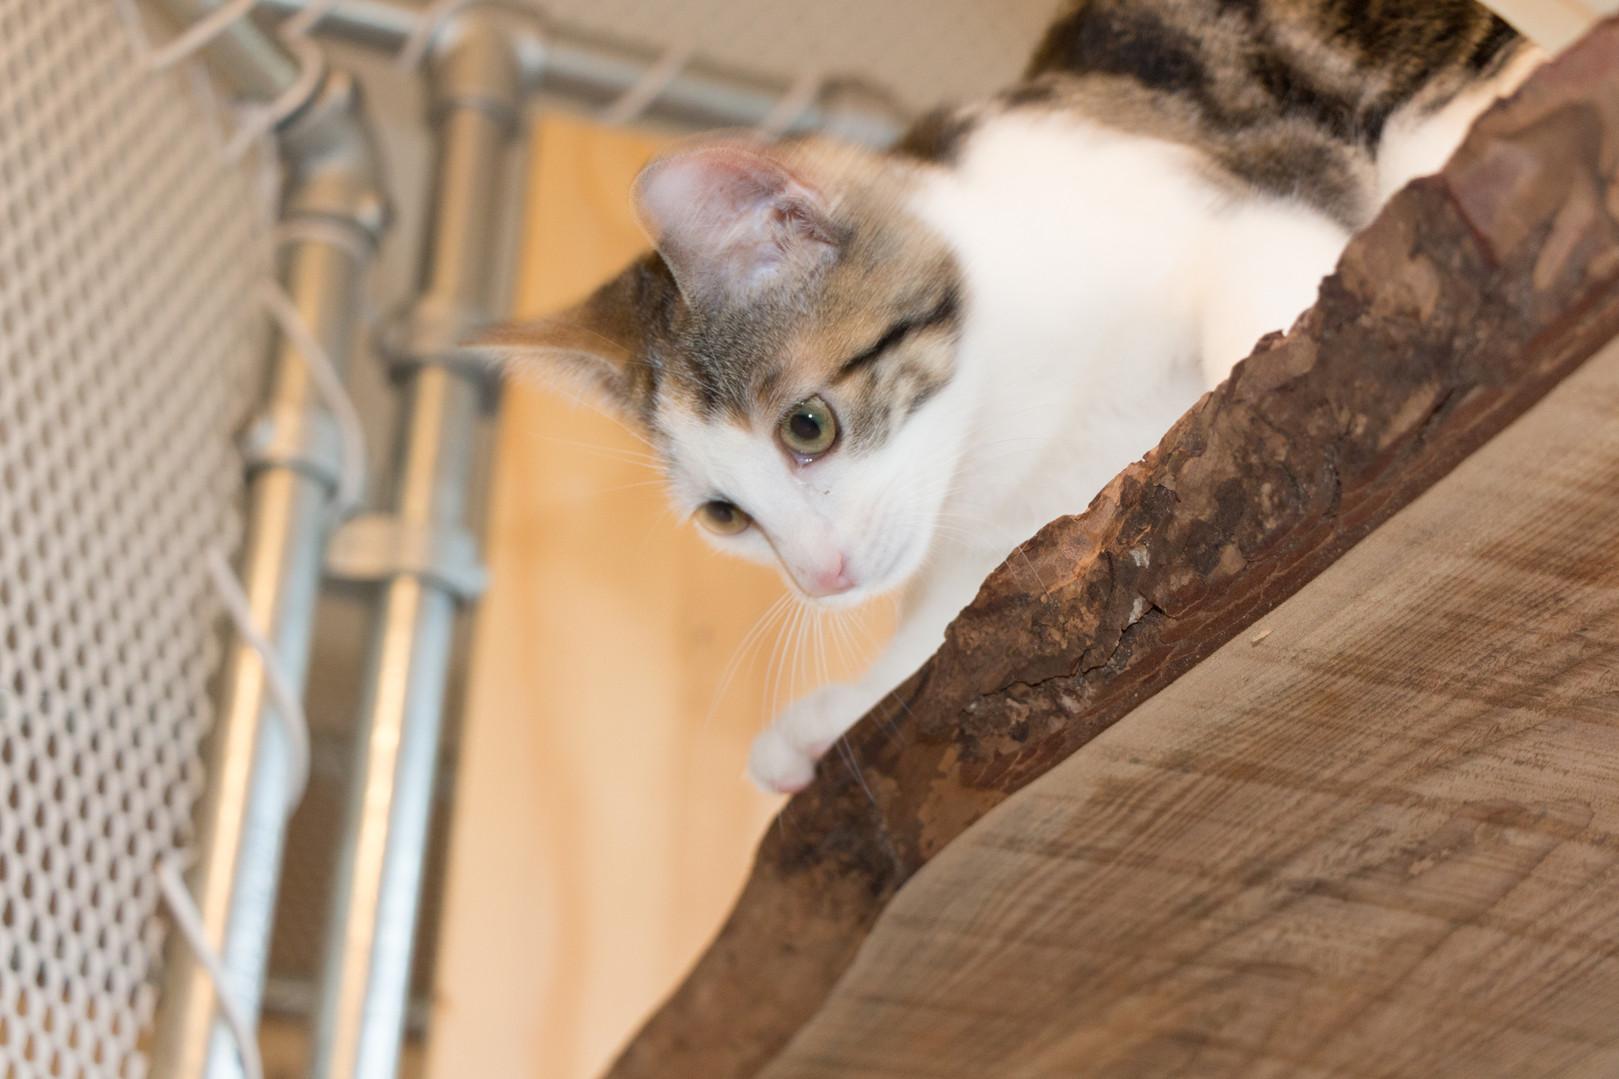 Diverse klimmogelijkheden voor je kat - kattenhotel 'Kat op hotel'